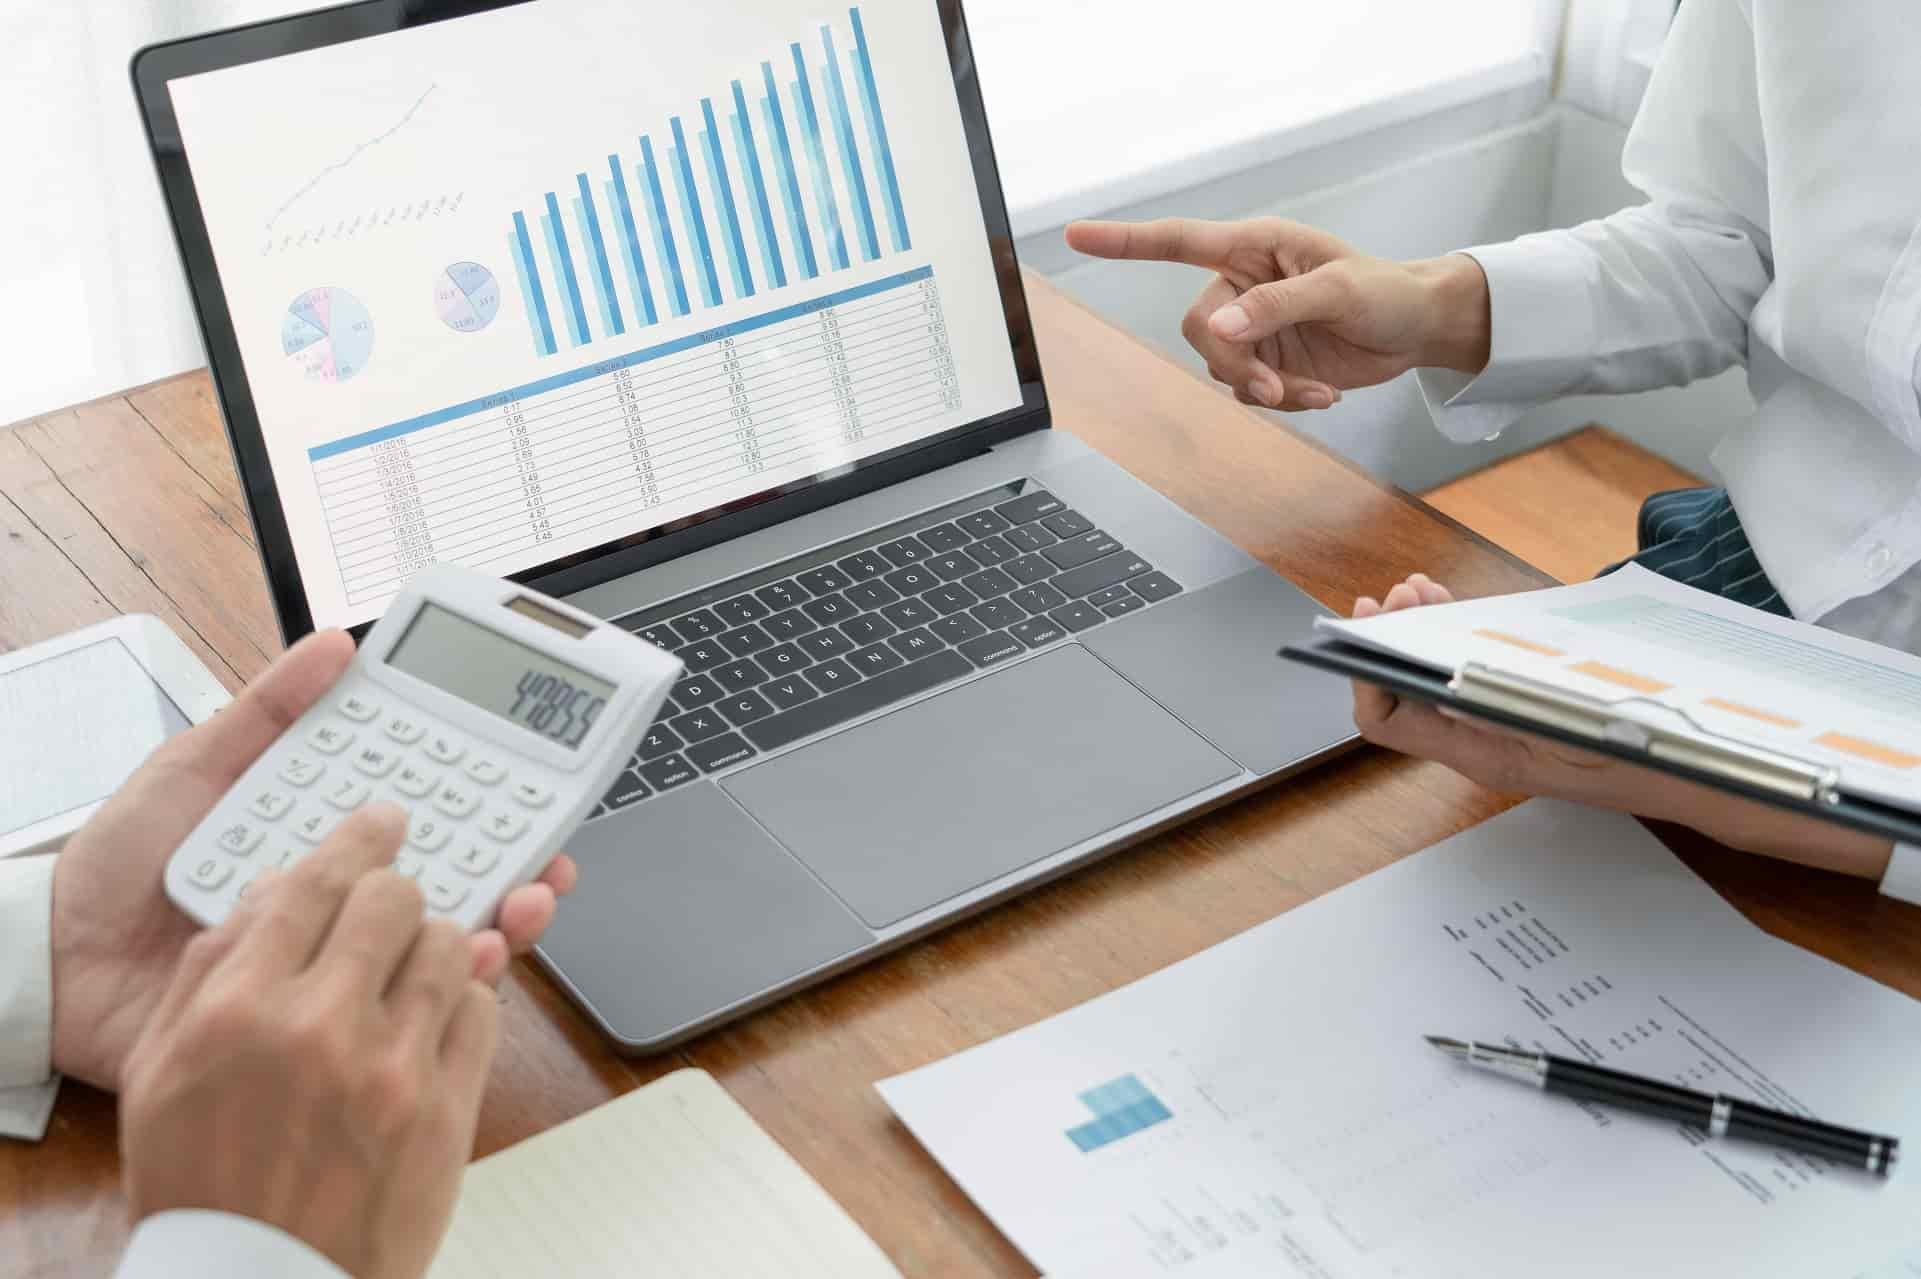 hacer un presupuesto online